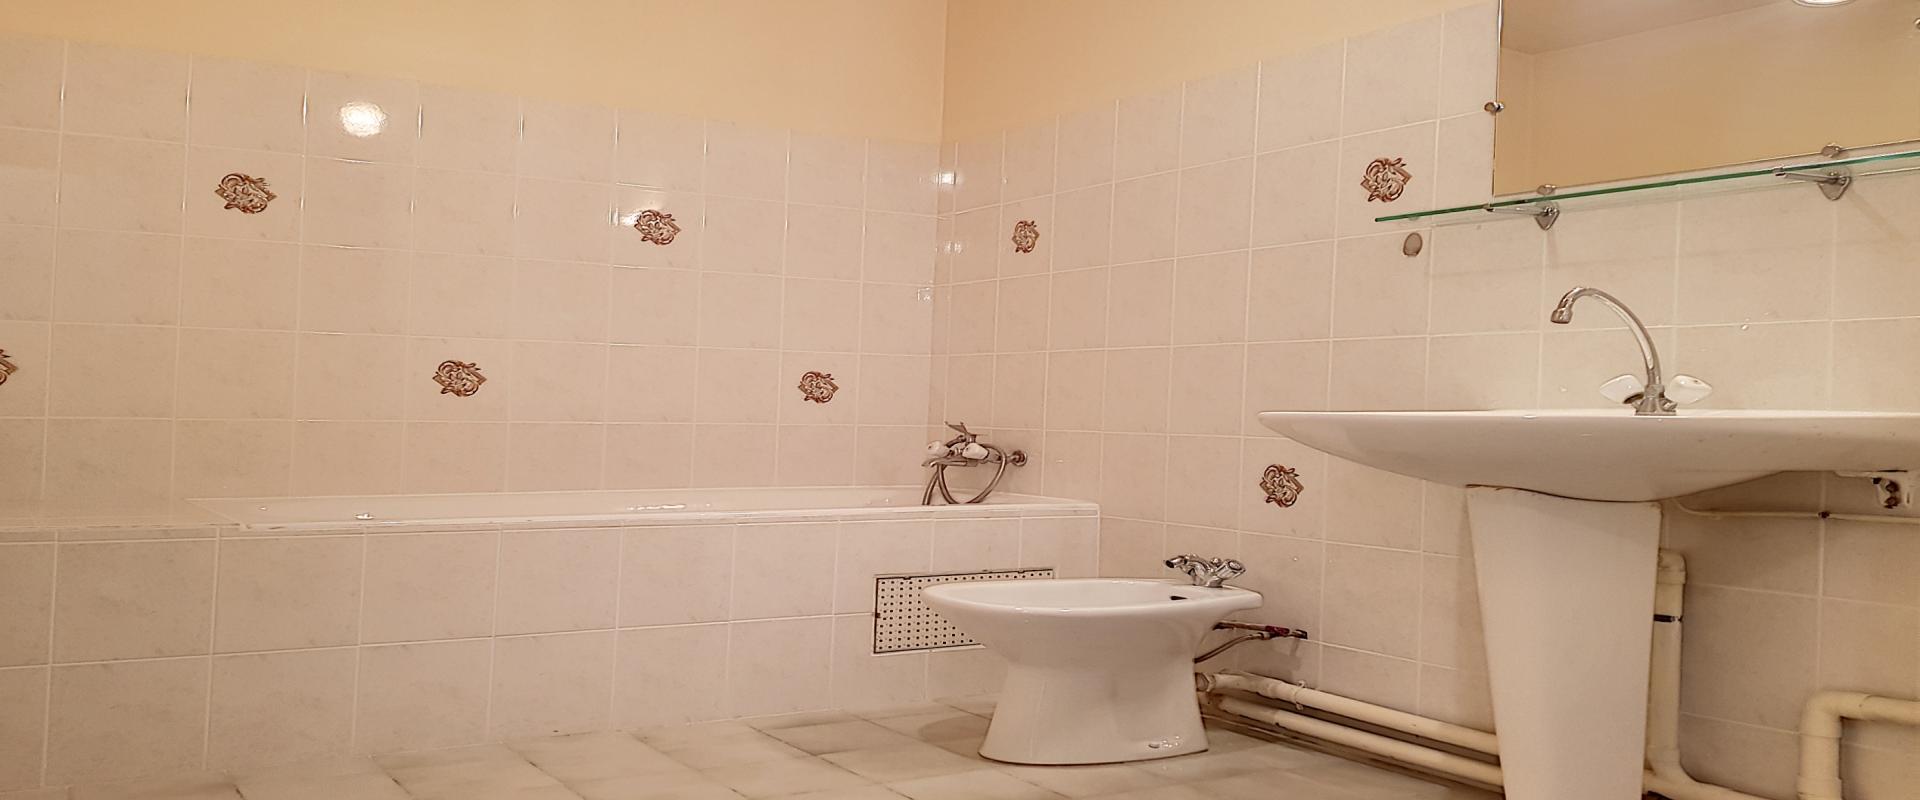 F3 Avenue Maréchal Juin Salle de bains